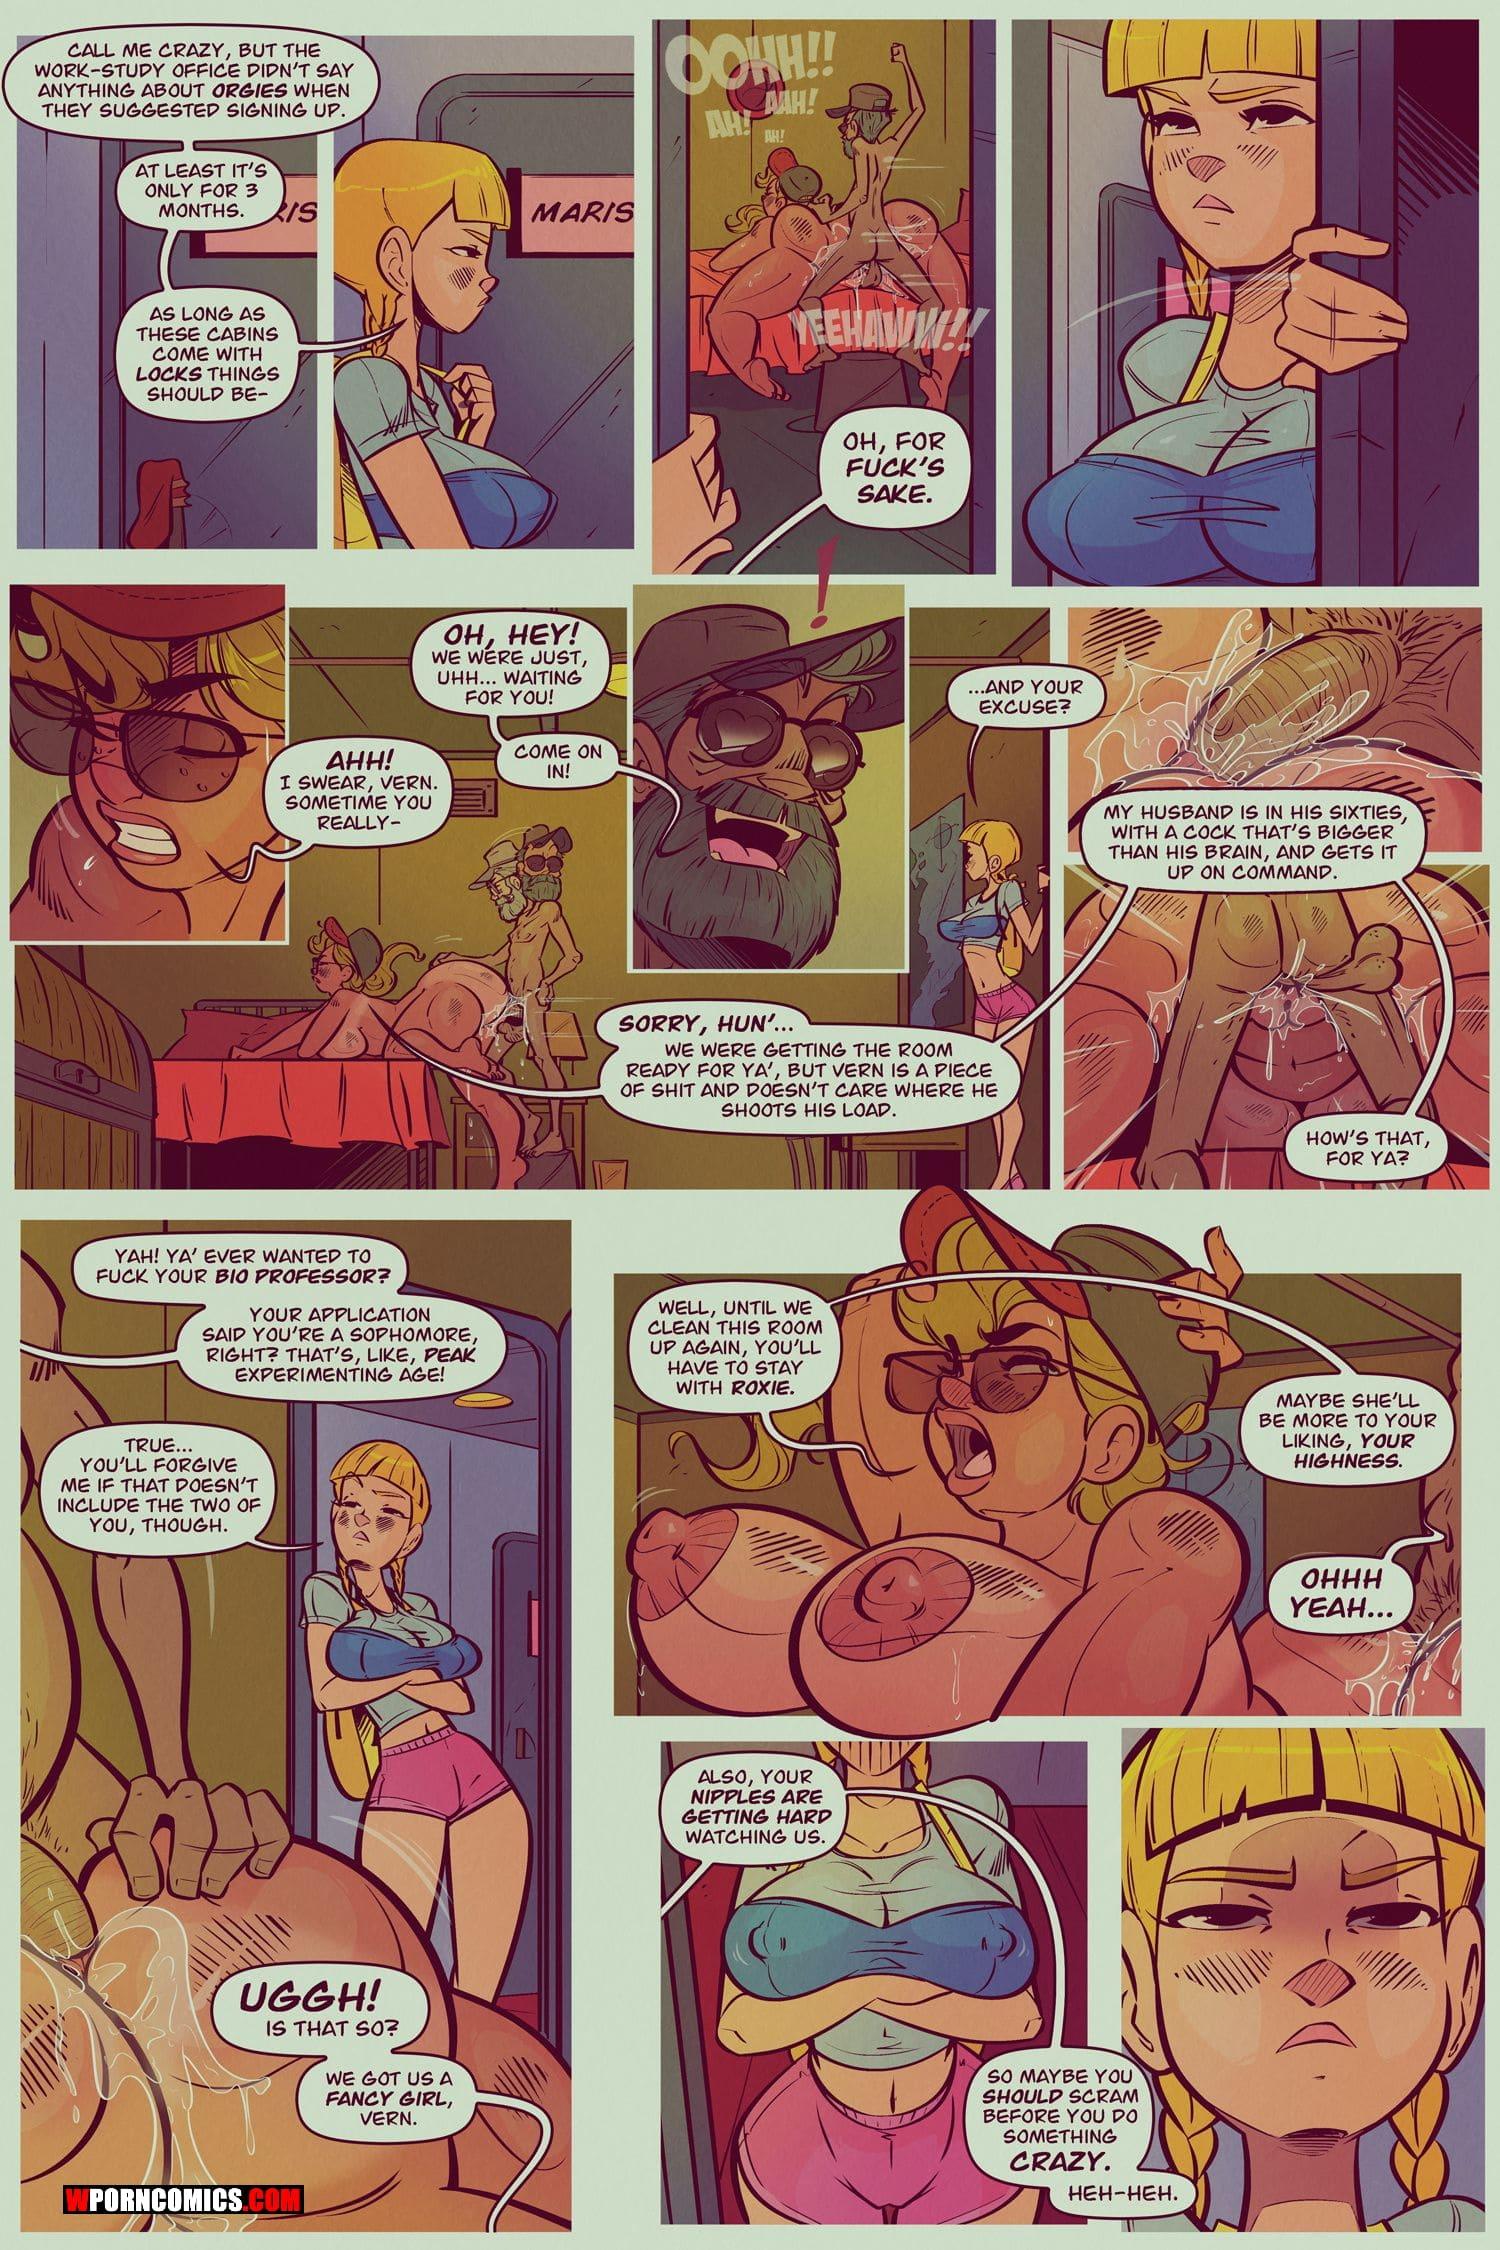 porn-comic-captain-connie-2020-01-25/porn-comic-captain-connie-2020-01-25-32190.jpg